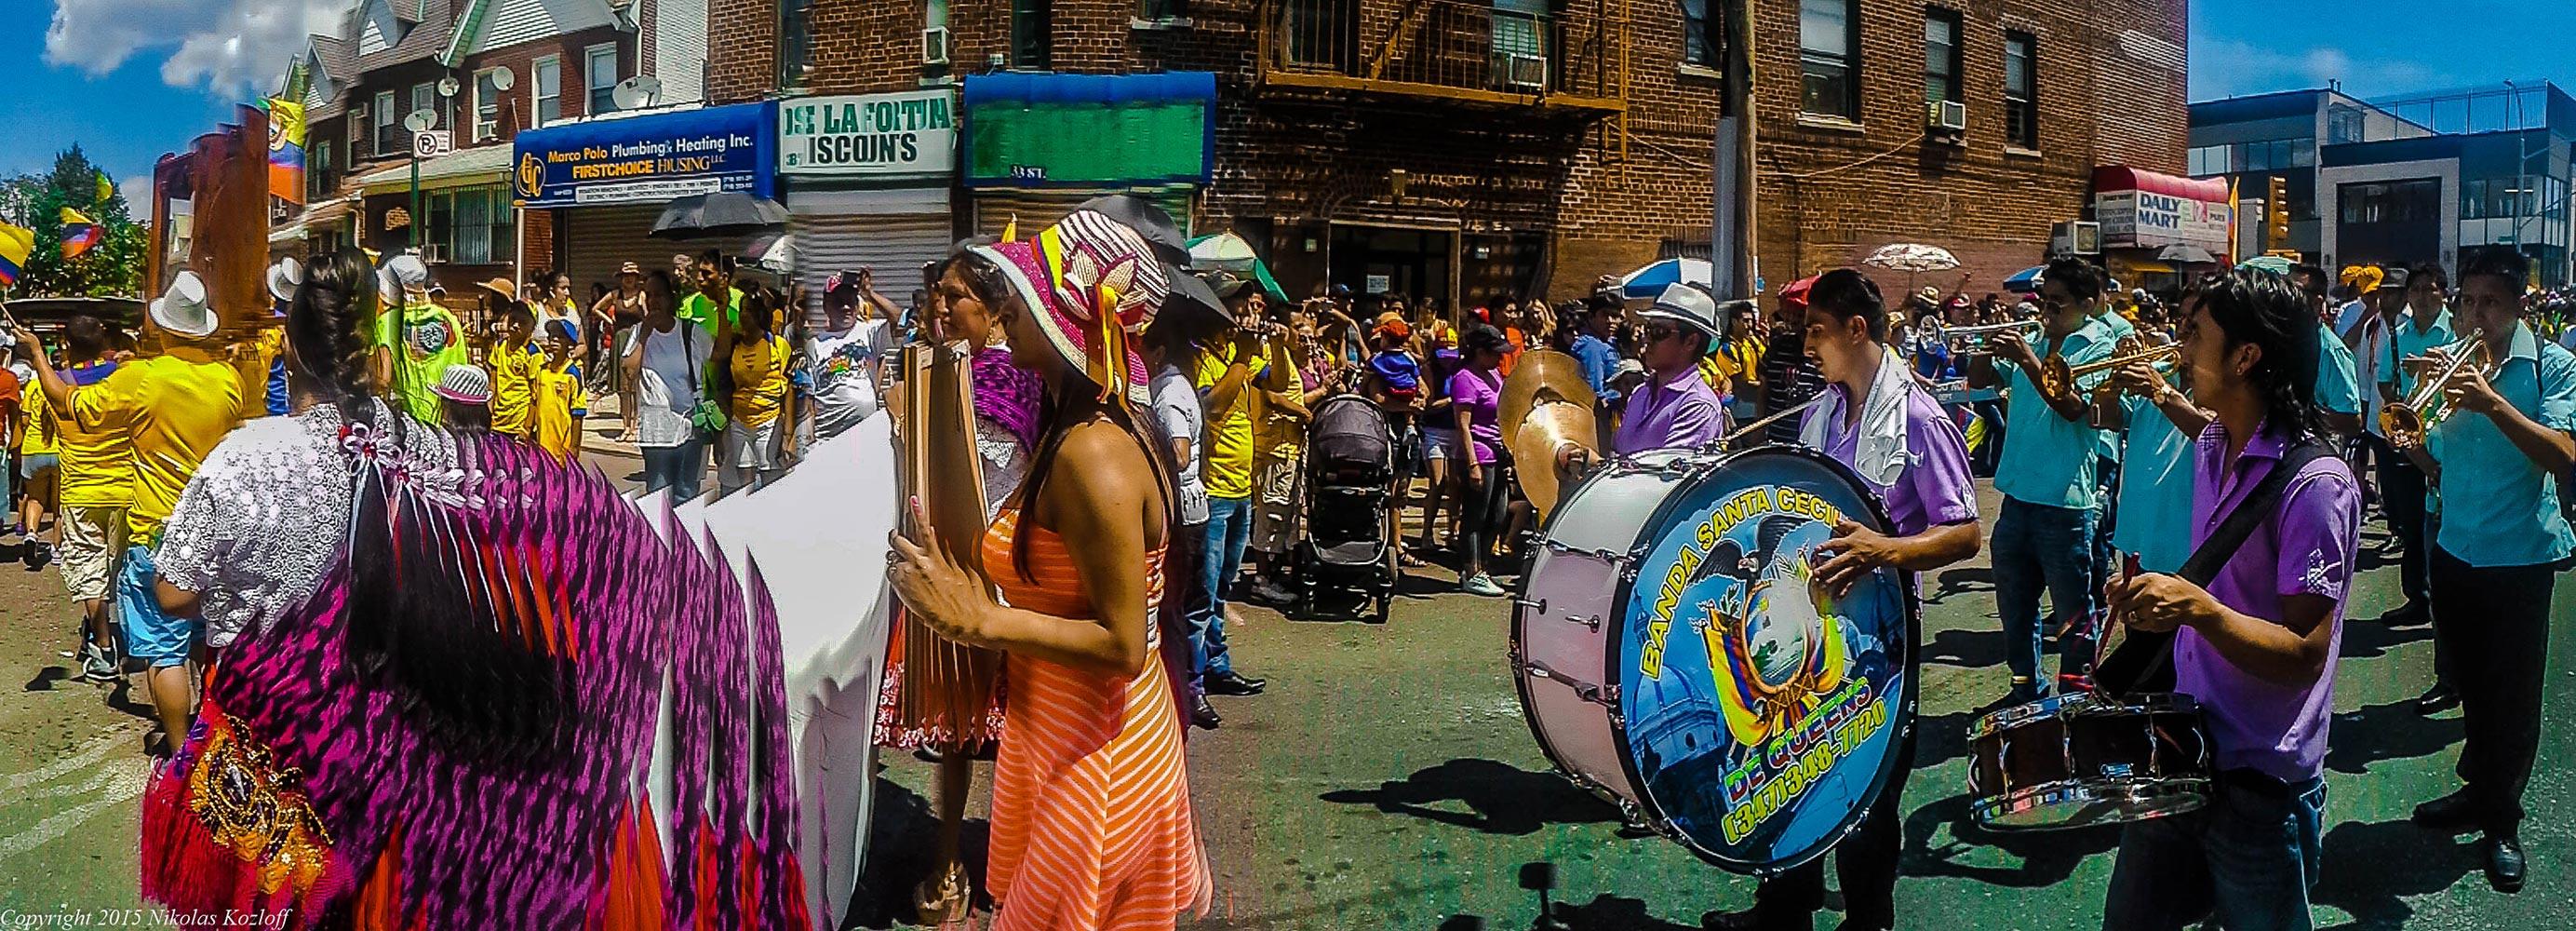 FiestaEcuatoriana